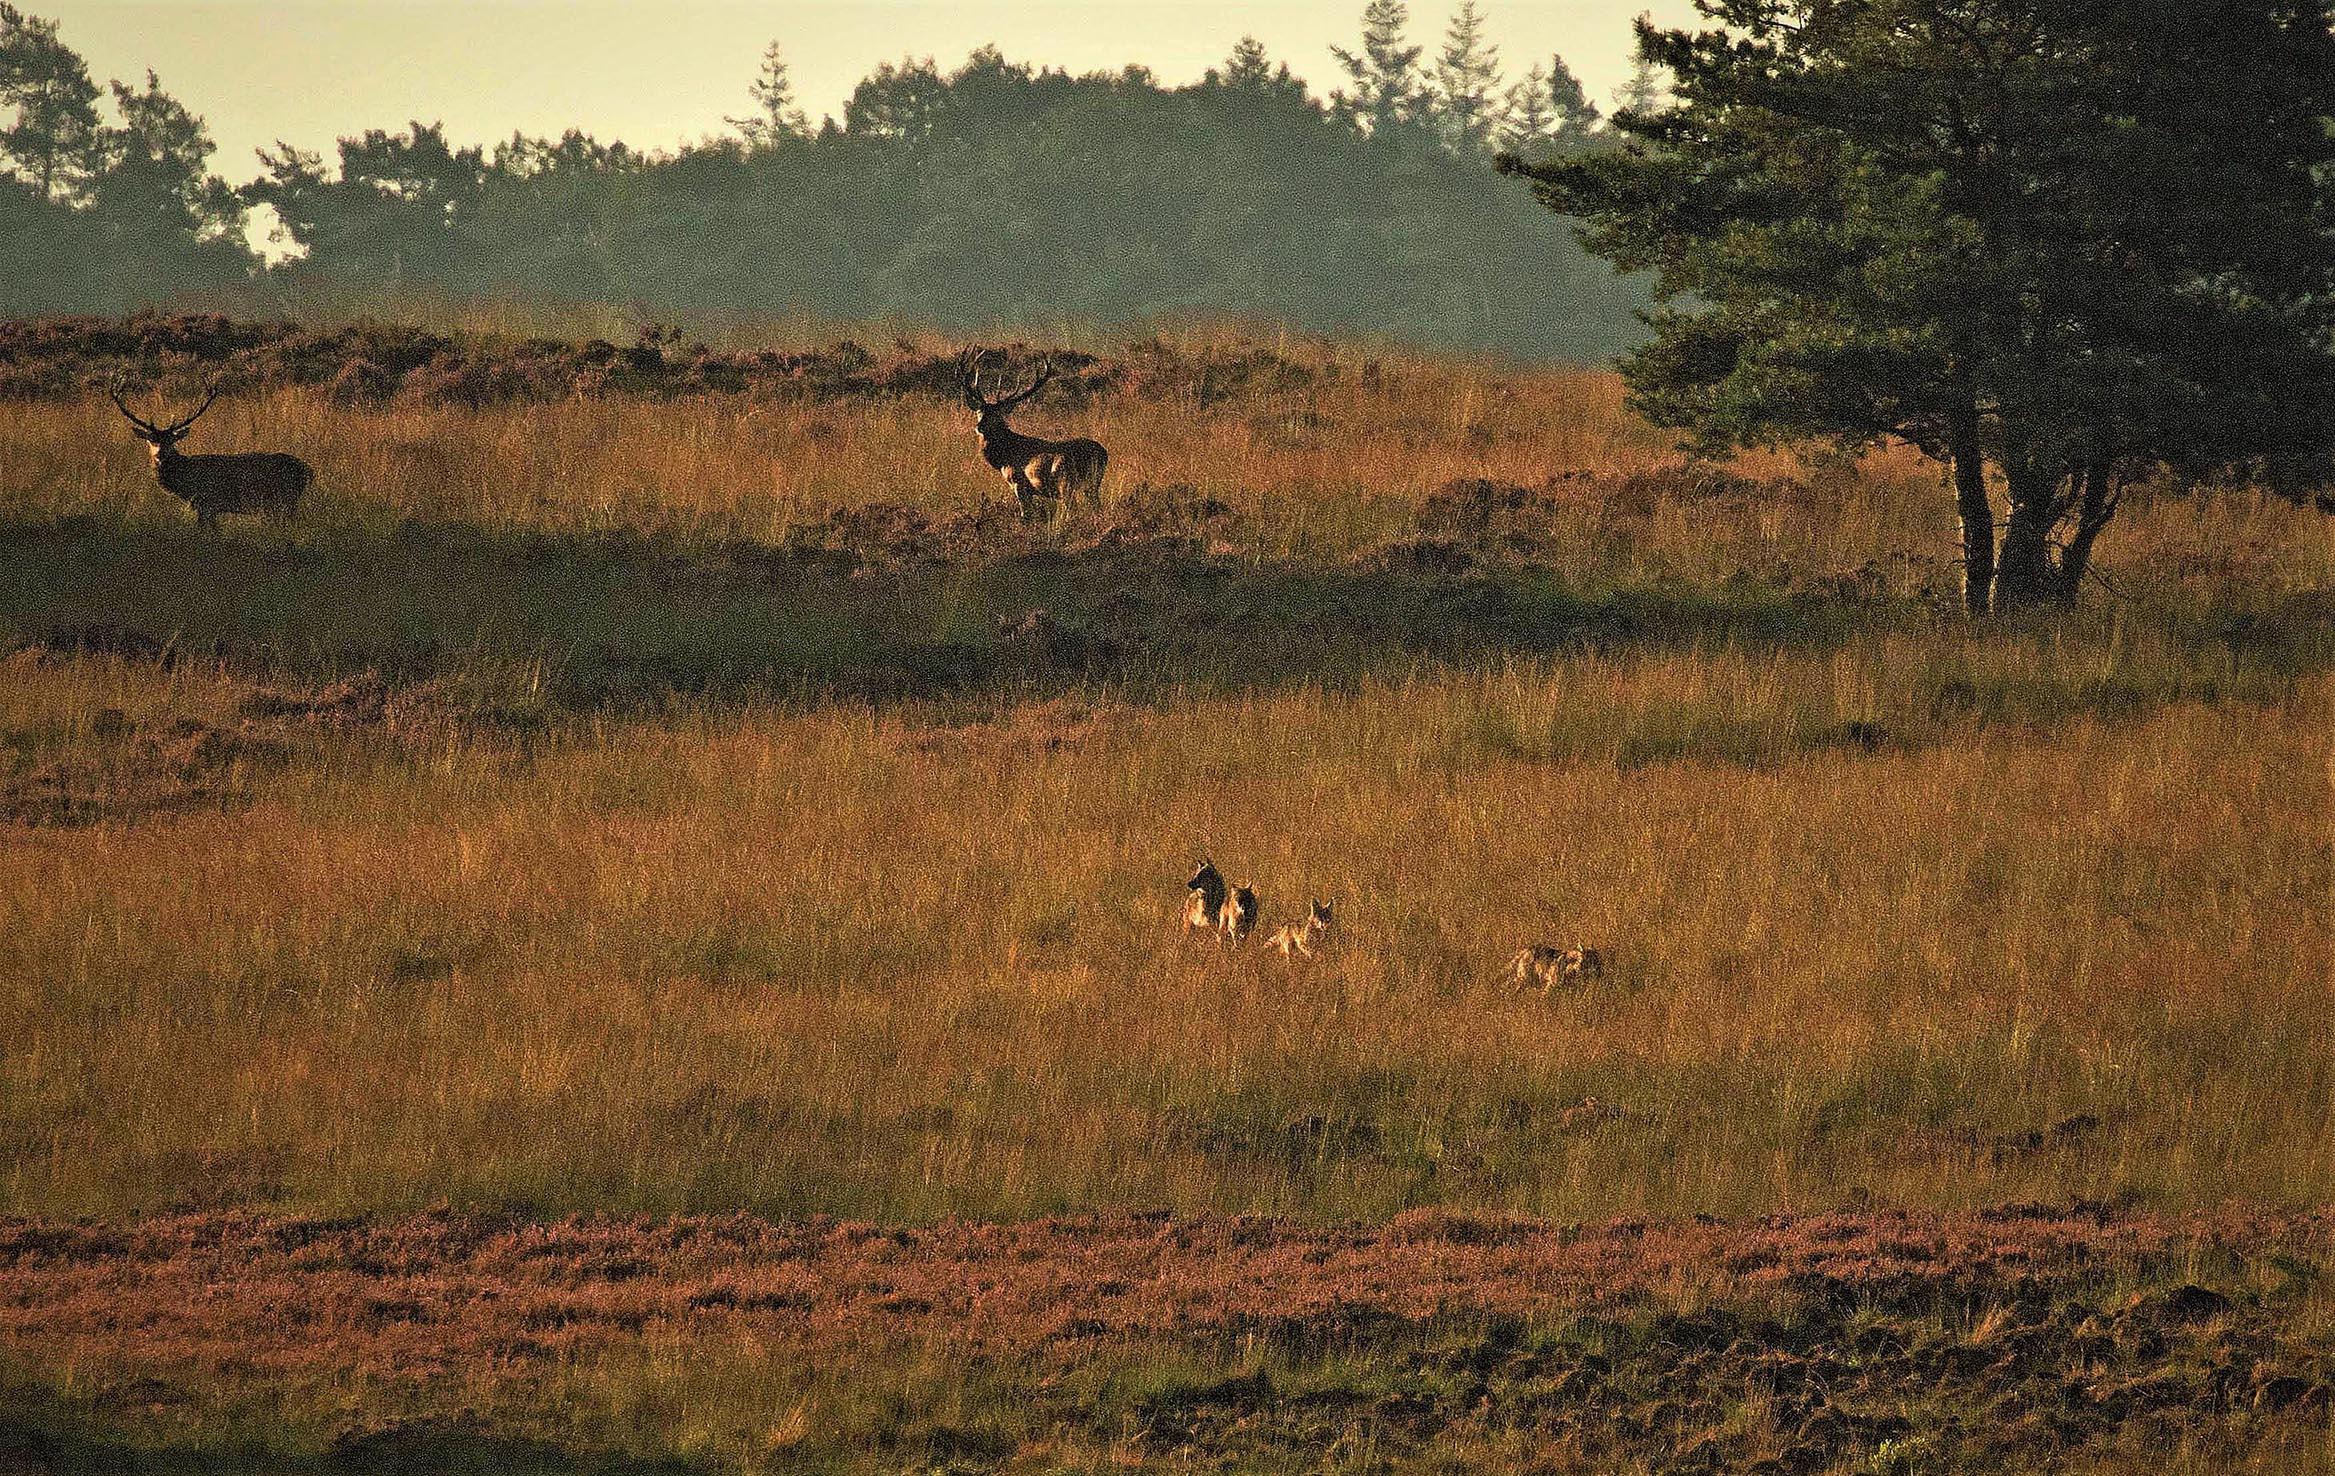 Een tweetal herten kijkt verbaasd naar de voorbijkomende wolven - Foto: ©De Veluwenaar